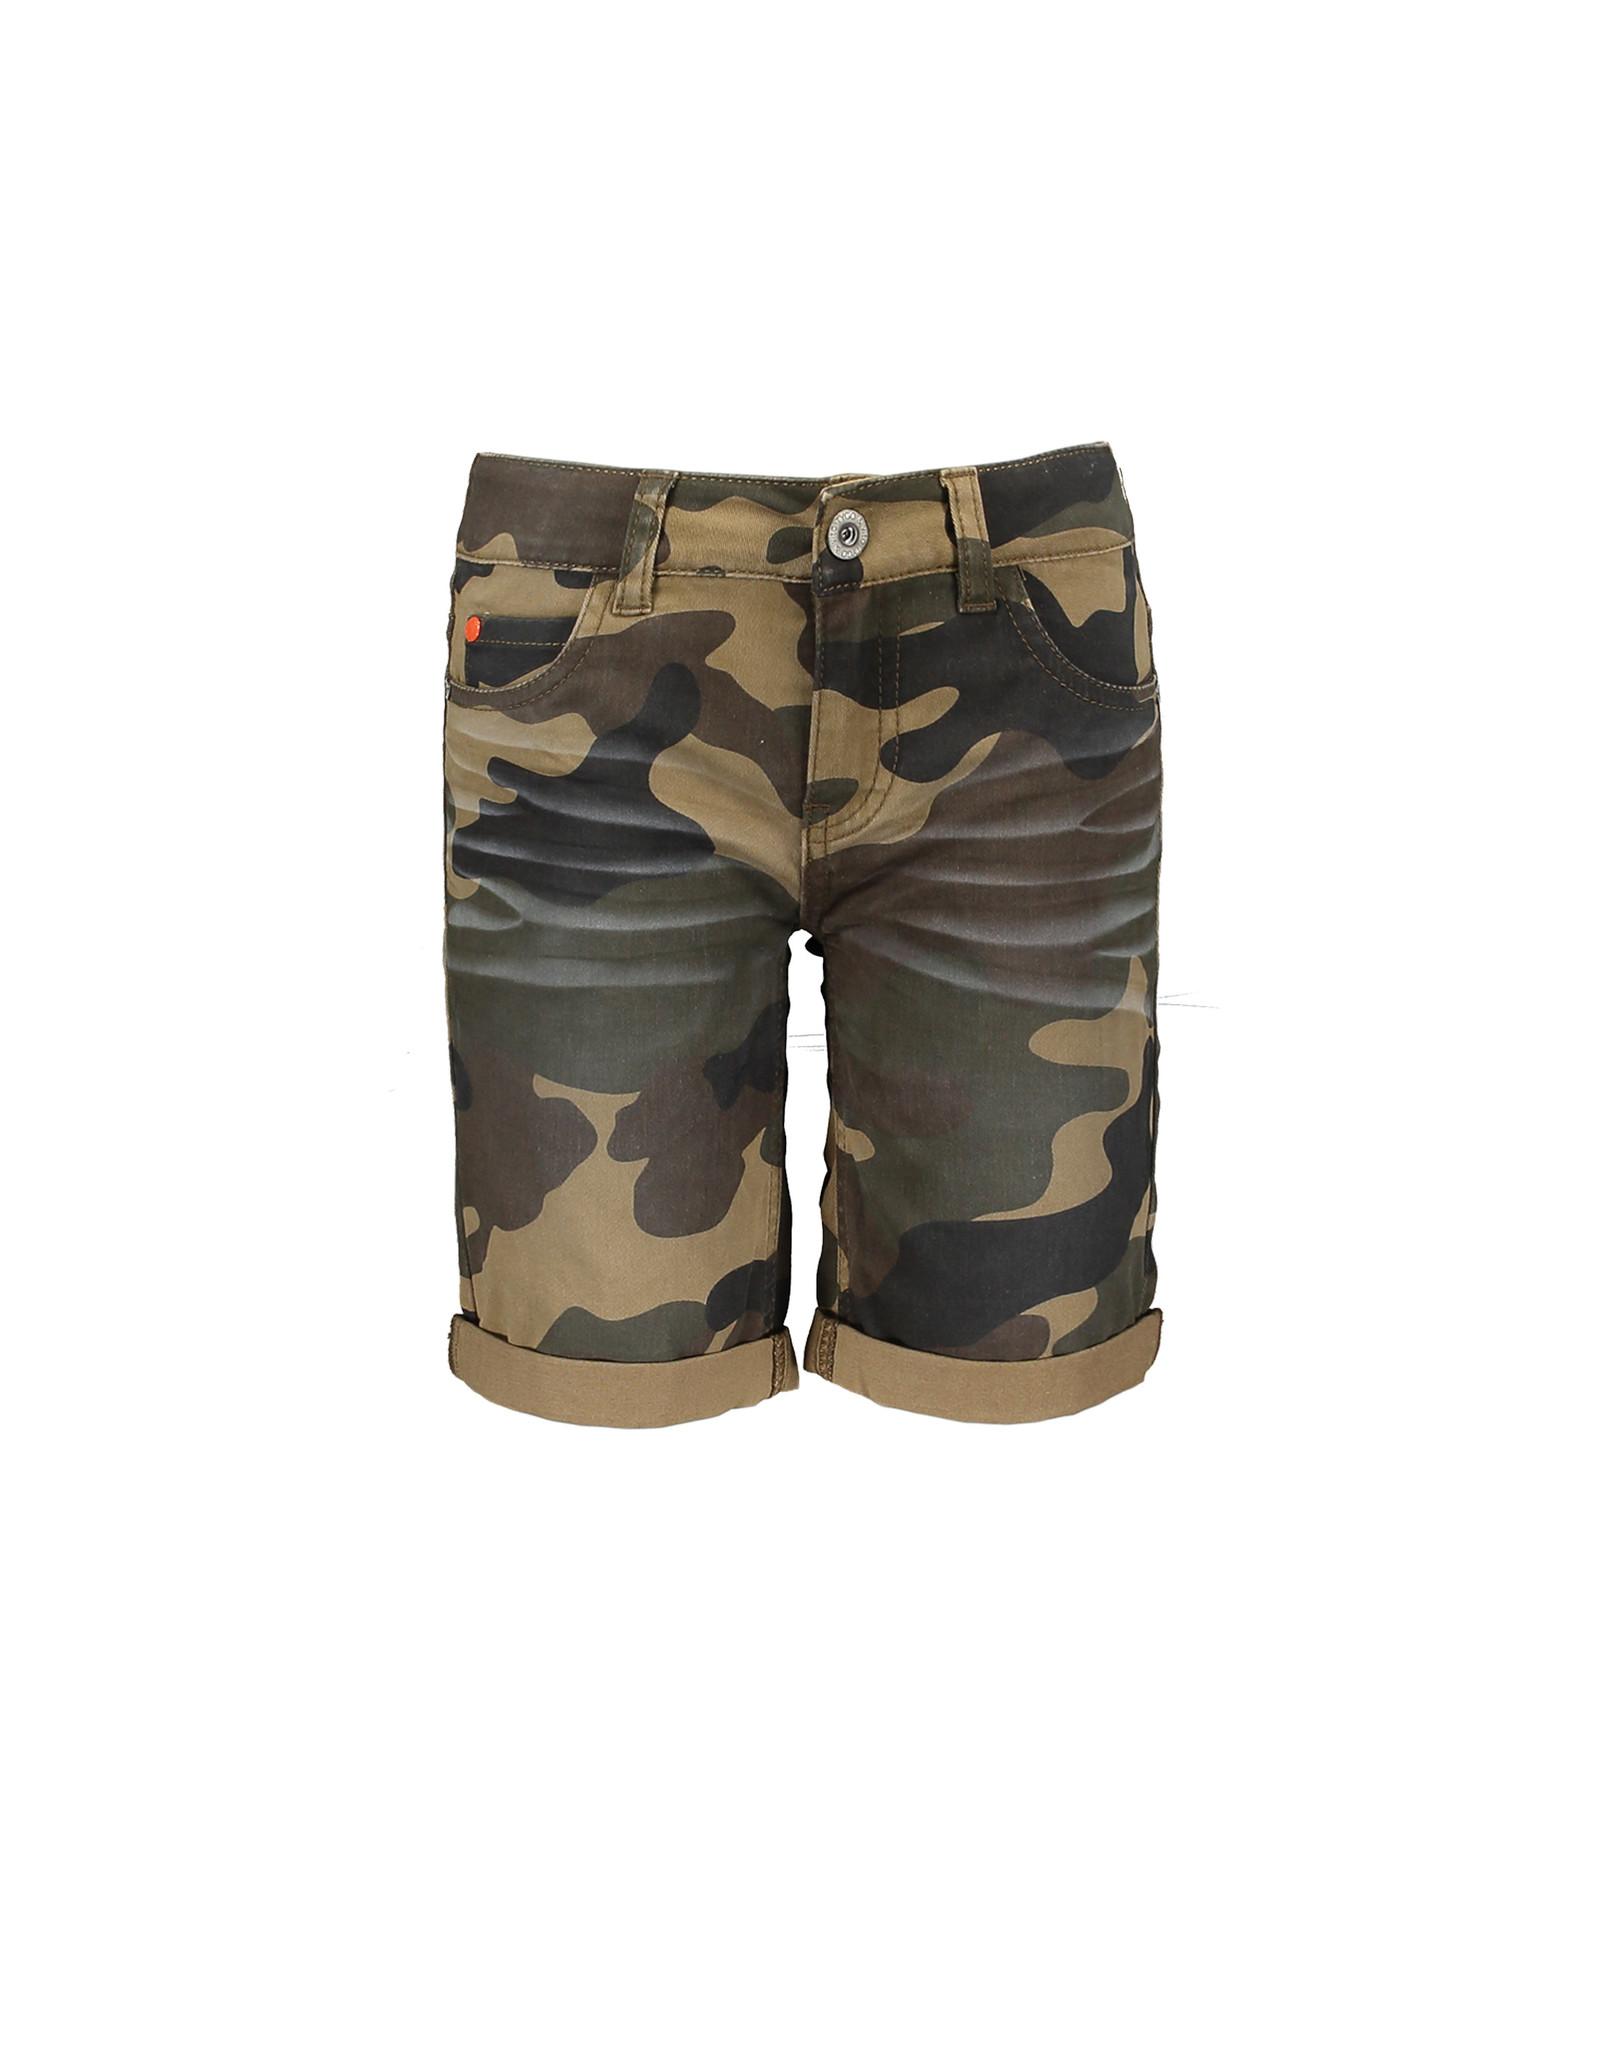 TYGO & Vito TYGO & Vito Stretch Twill Short all over Camouflage Army